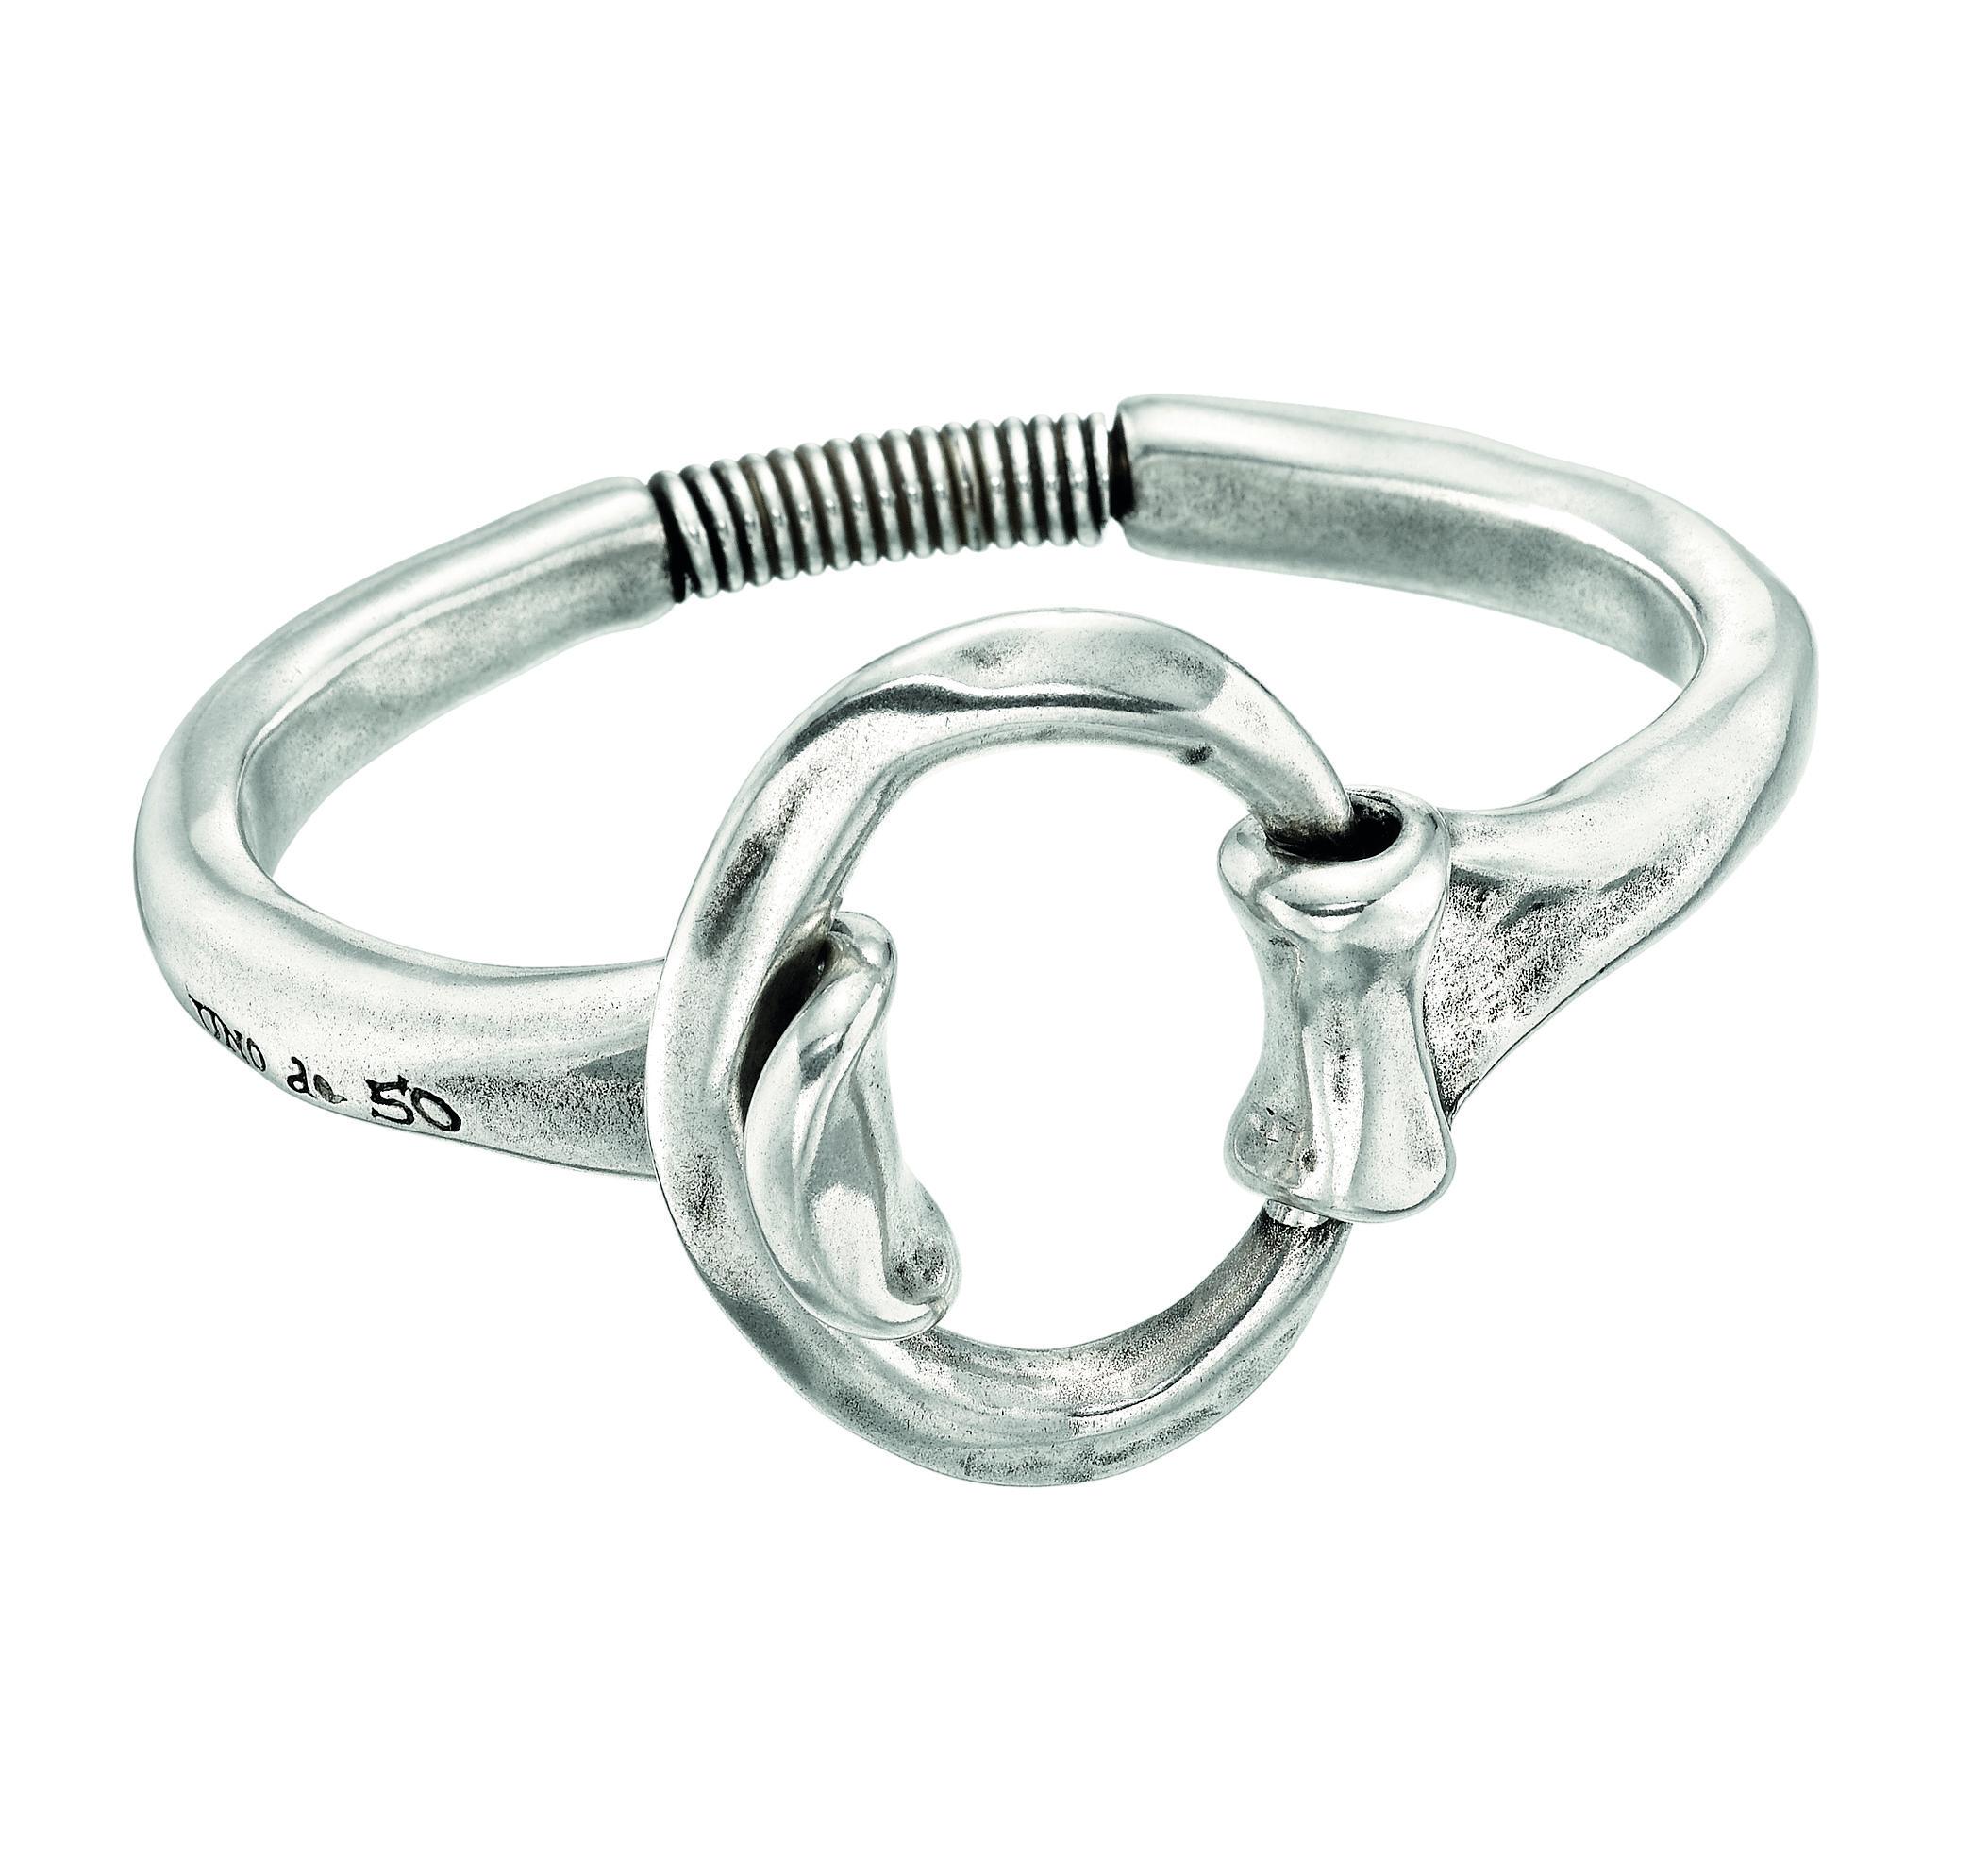 d8a473ea4ed  unode50  bijoux  boutique  pierreemoi  tarbes  mode  collier  bracelet